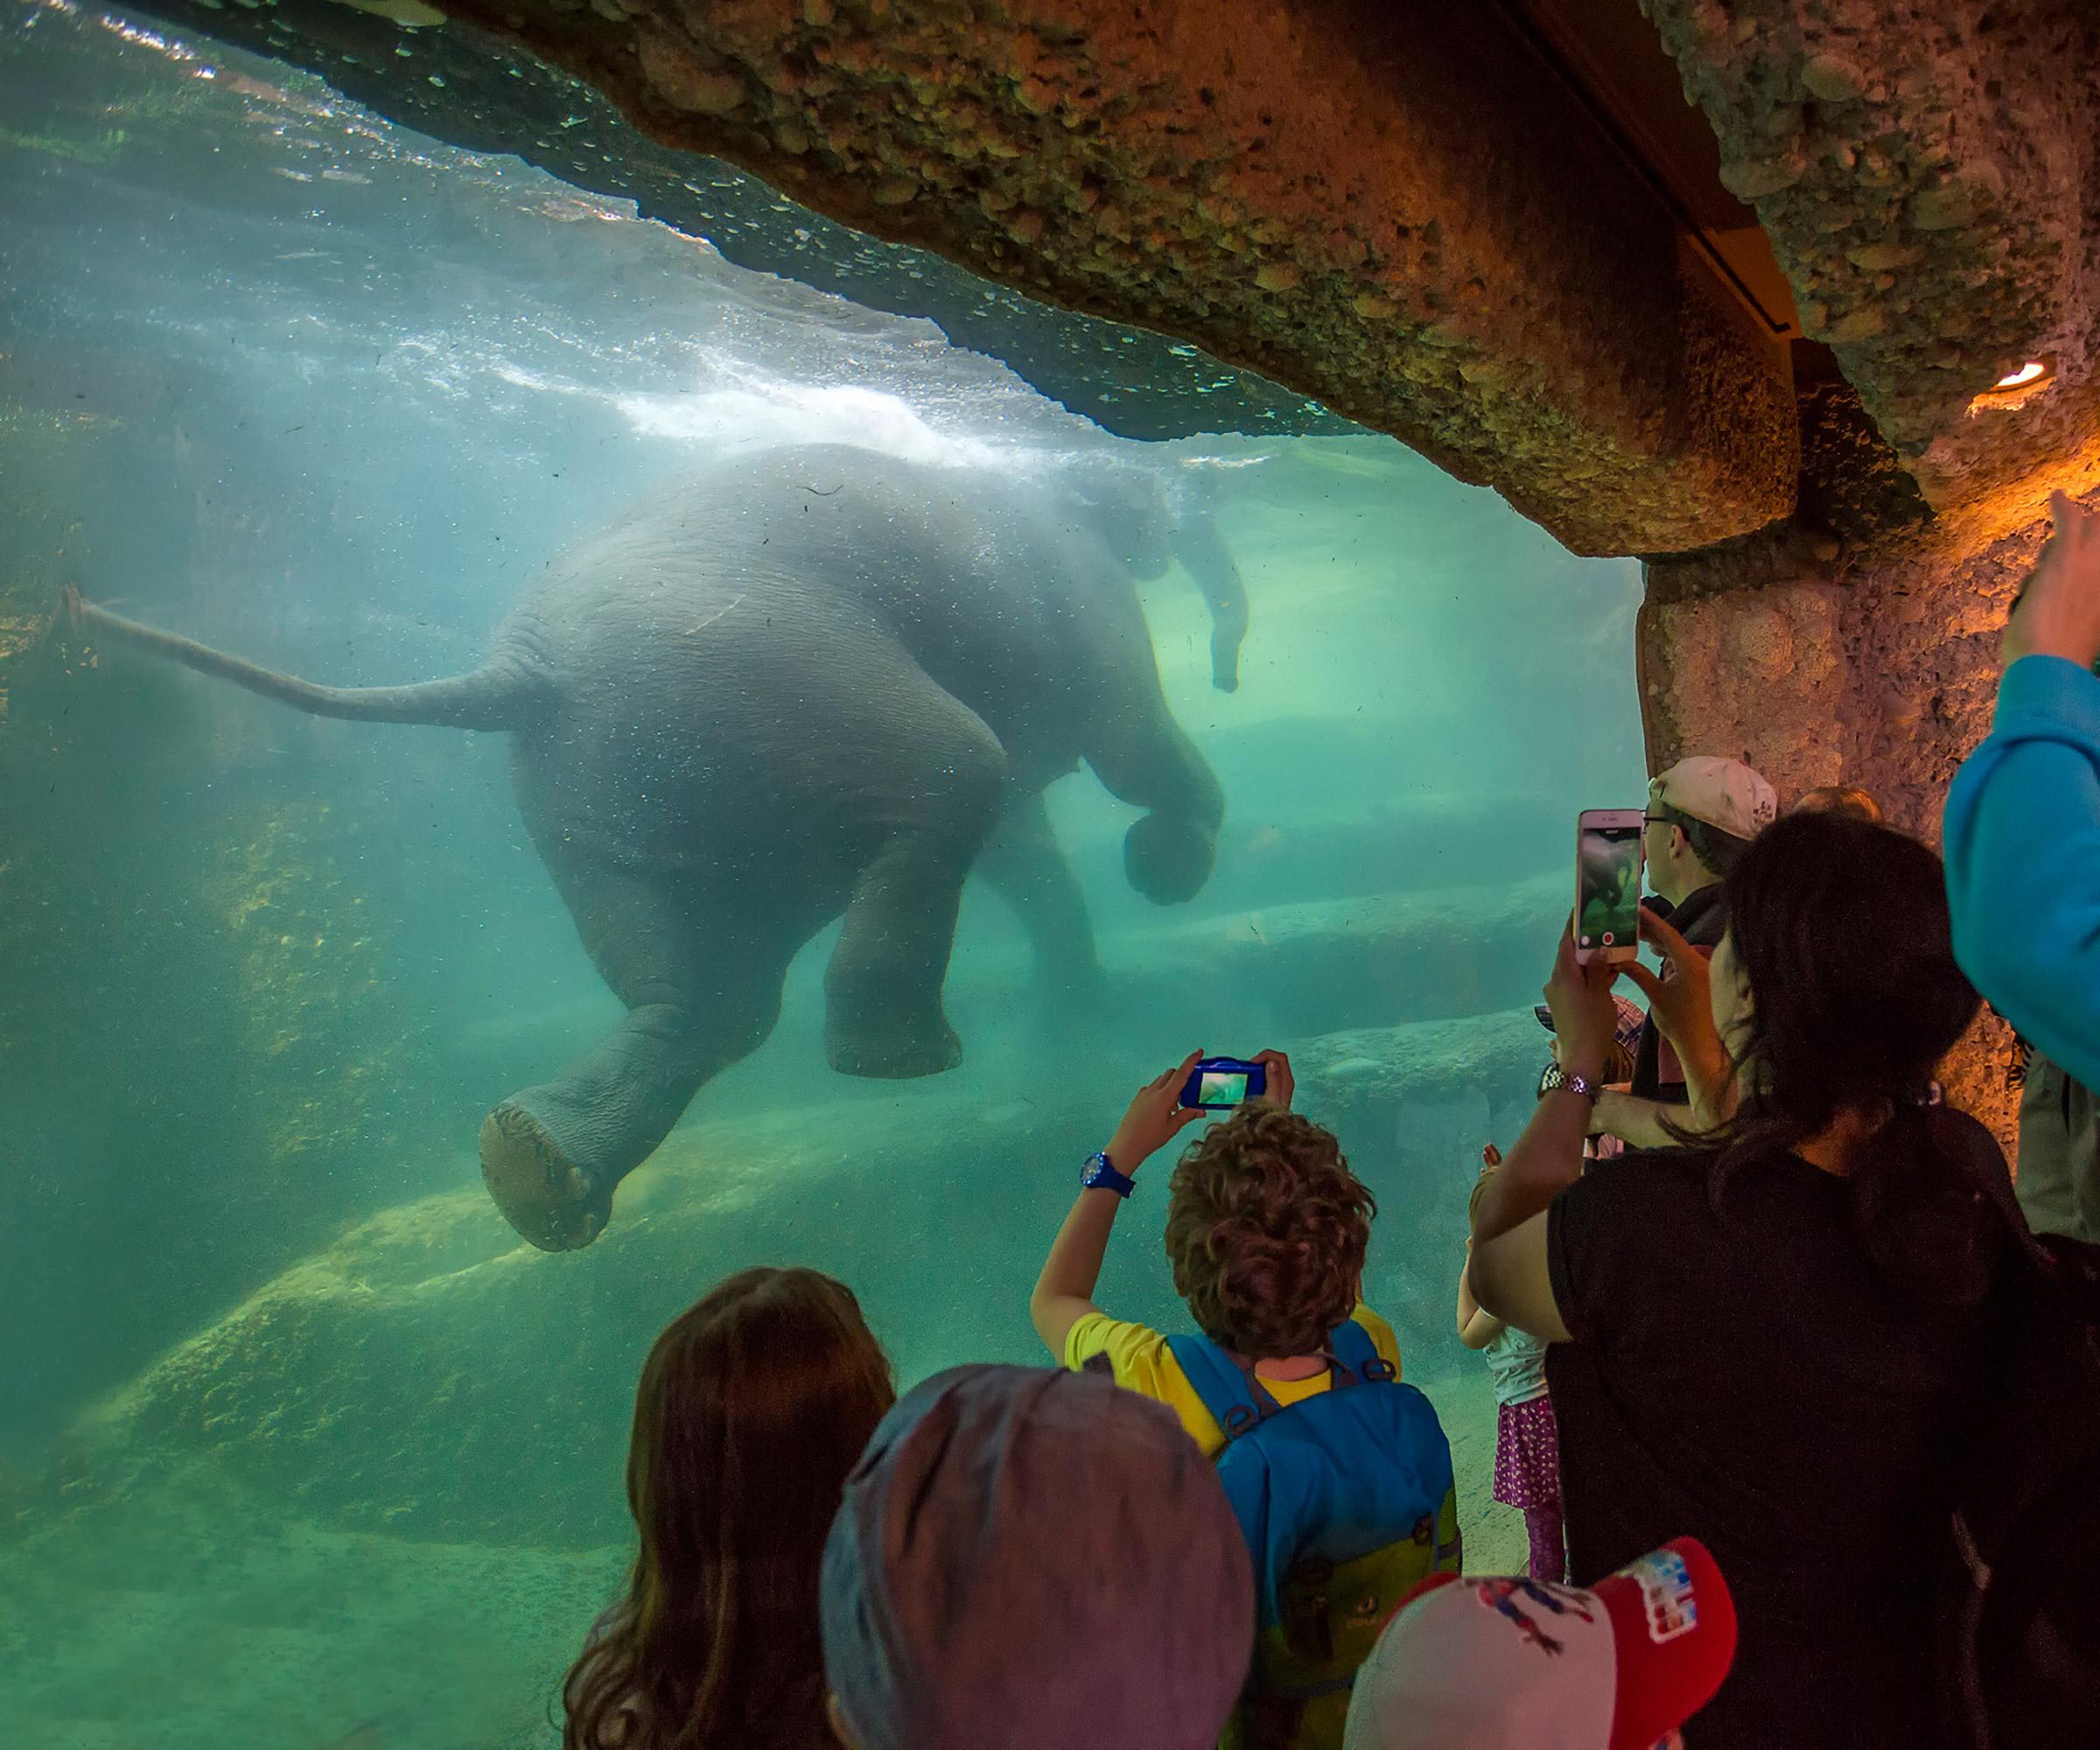 Familienerlebnis Im Zoo Zurich Famigros